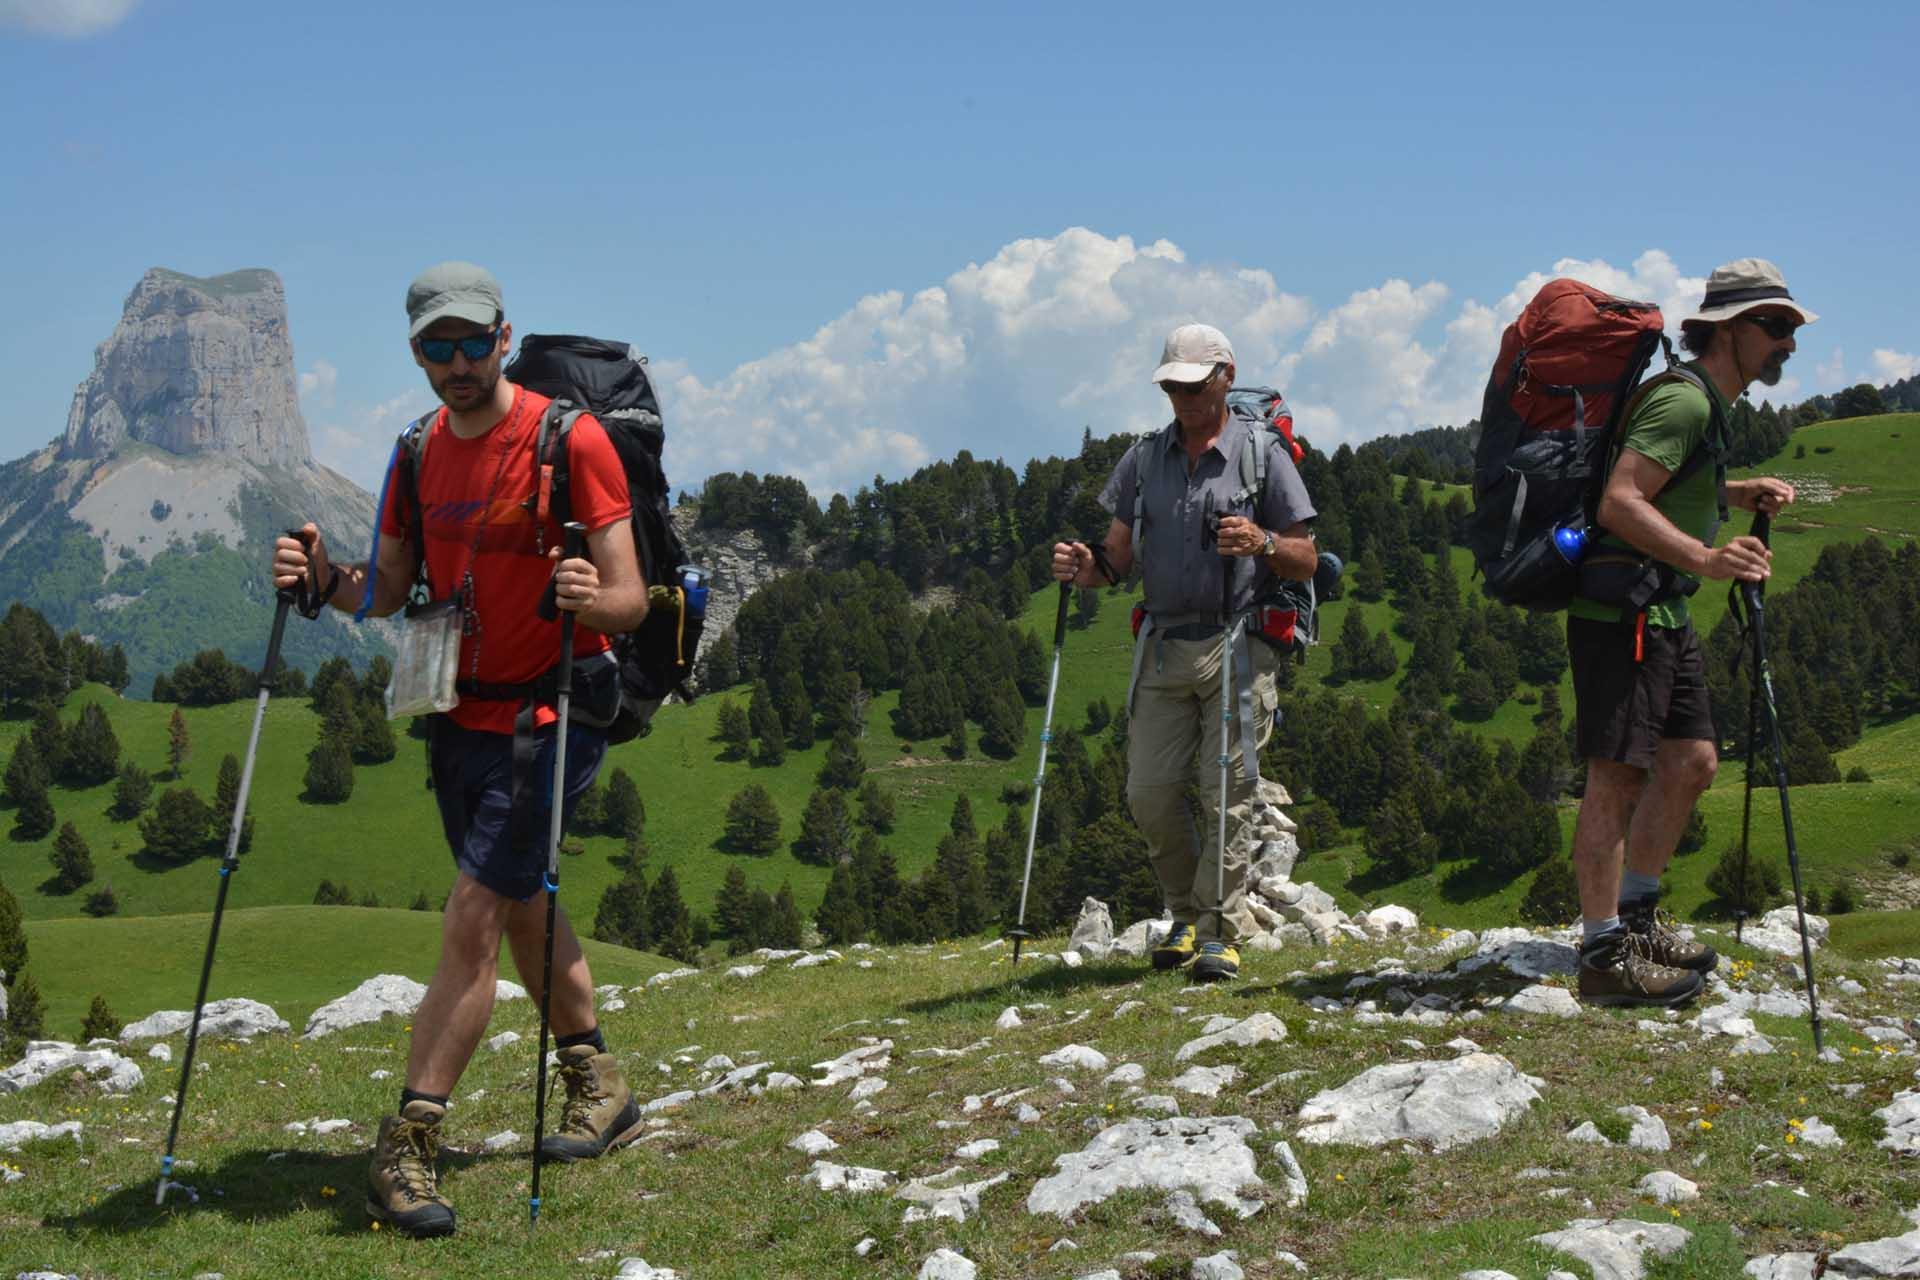 Slow Rando Sejour Liberte Decouverte Bivouac Hauts Plateaux Vercors Mont Aiguille Chaumailloux